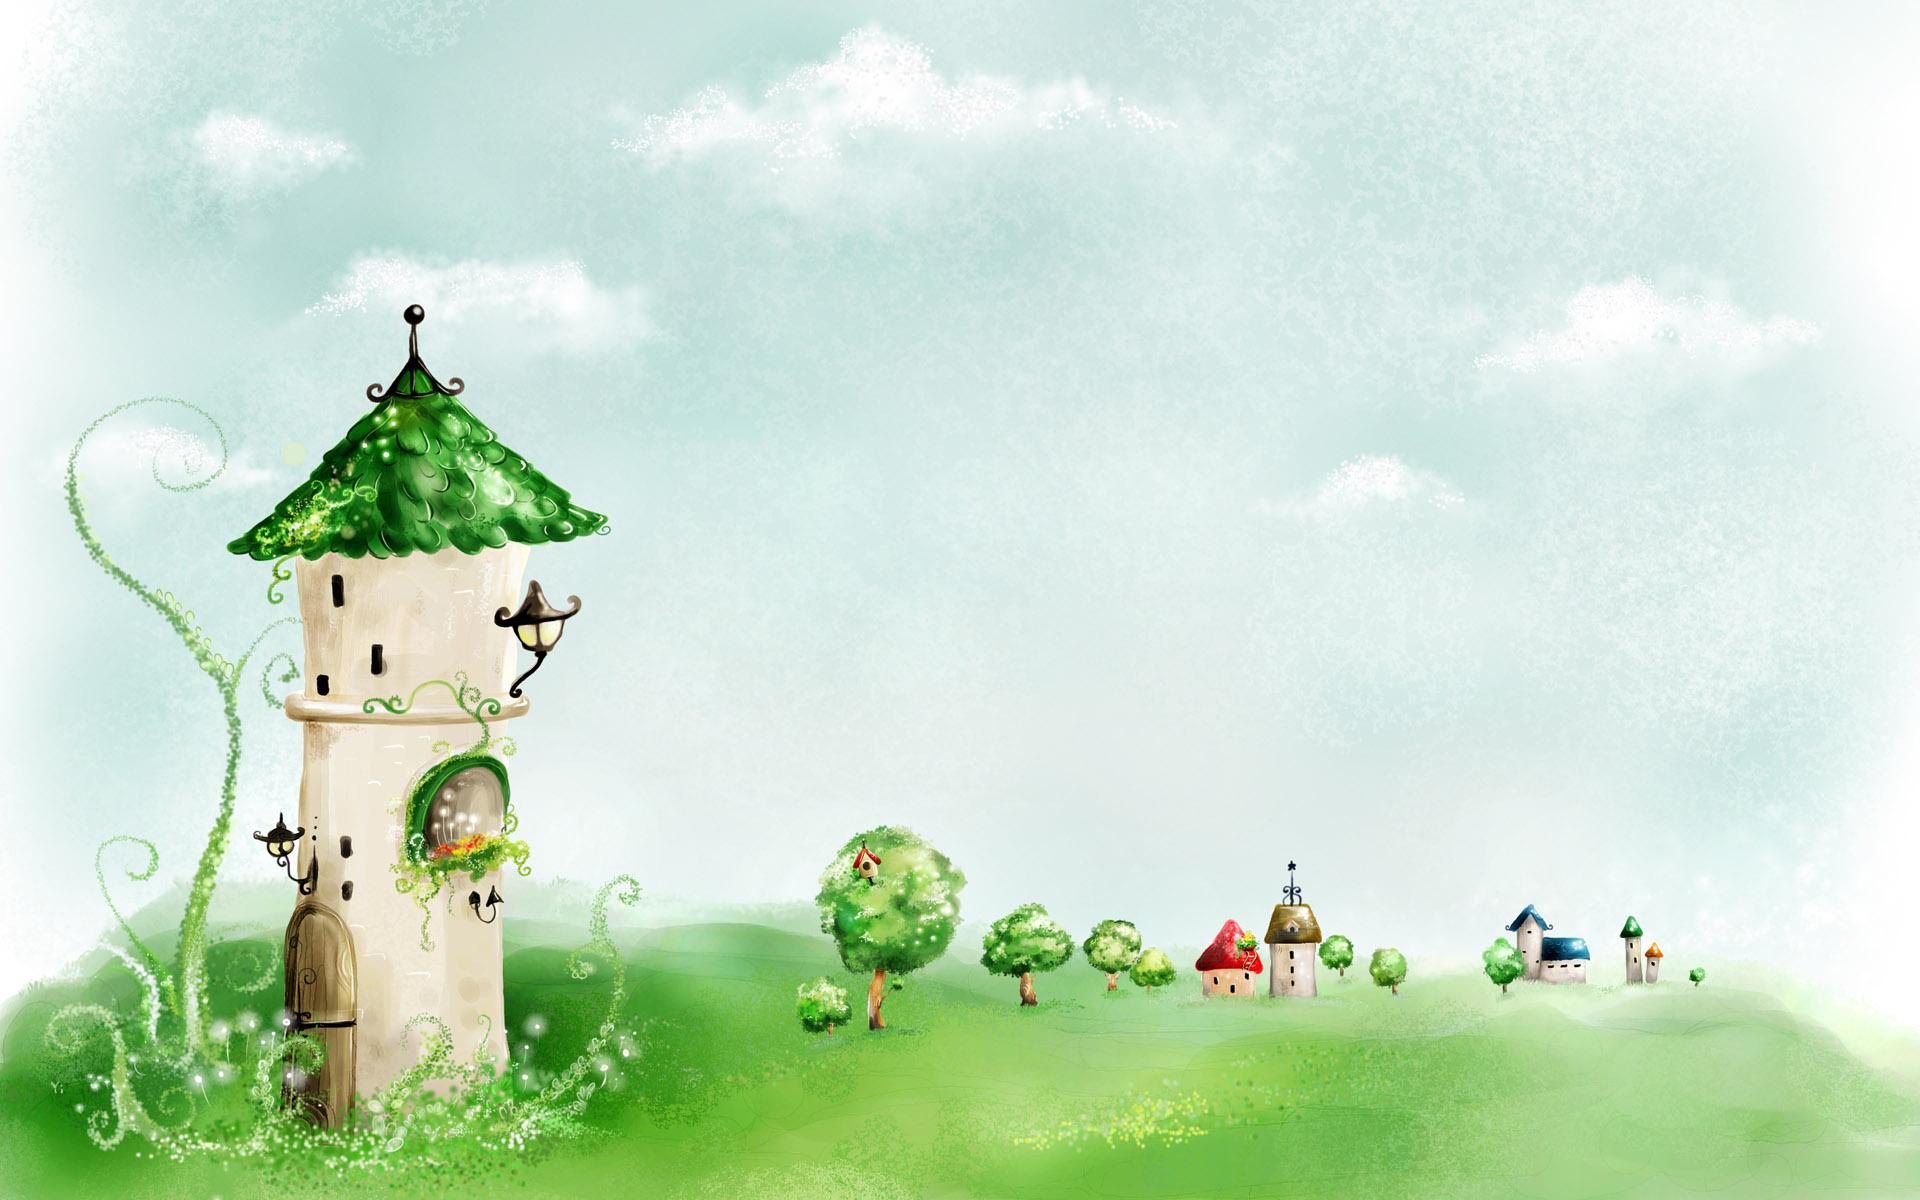 Гоордок, сказка, домик, башня, зелень, городок, рисунок.